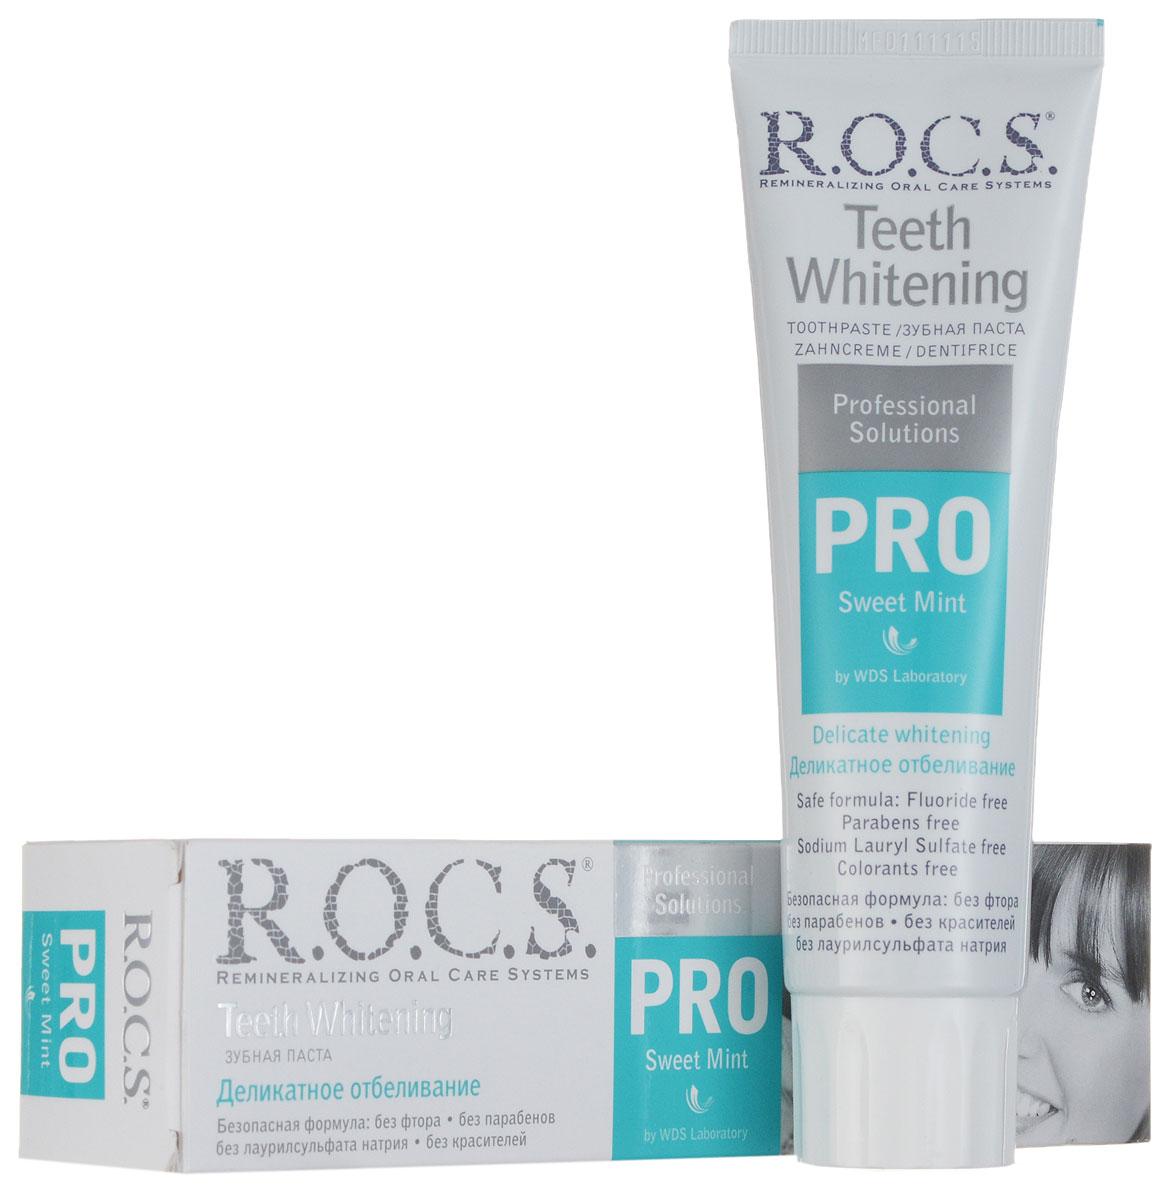 R.O.C.S Зубная паста PRO Delicate White, Sweet Mint32700104Для безупречной красоты вашей улыбки и чистоты зубов Безопасная формула: не содержит фтор, лаурилсульфат натрия, парабены и красители Подходит для постоянного ежедневного использования